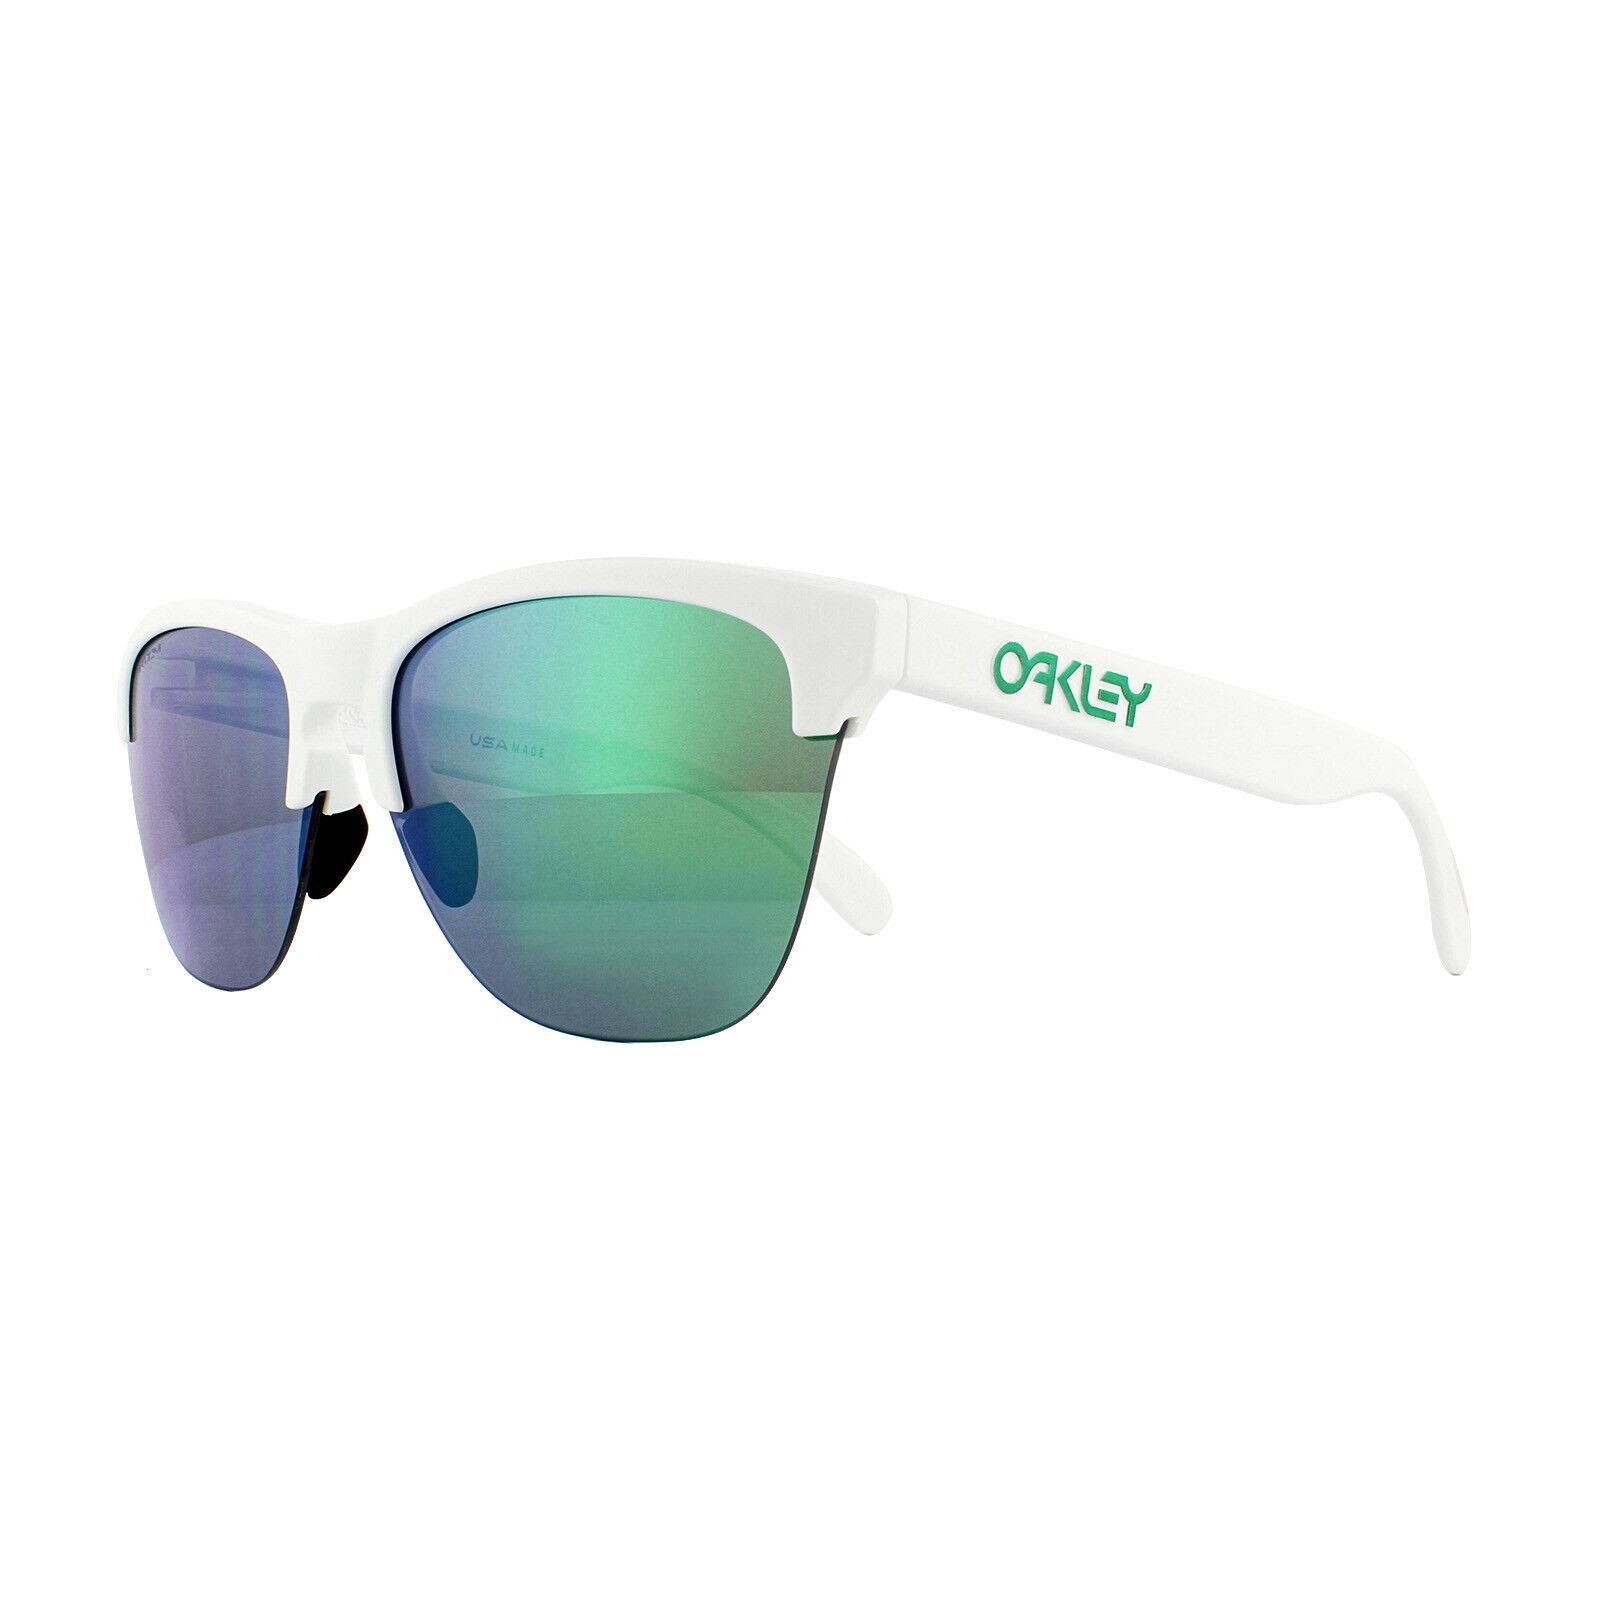 115ee8b50f Oakley Oo9374 Frogskins Lite 937415 Matte White Size 63 for sale ...